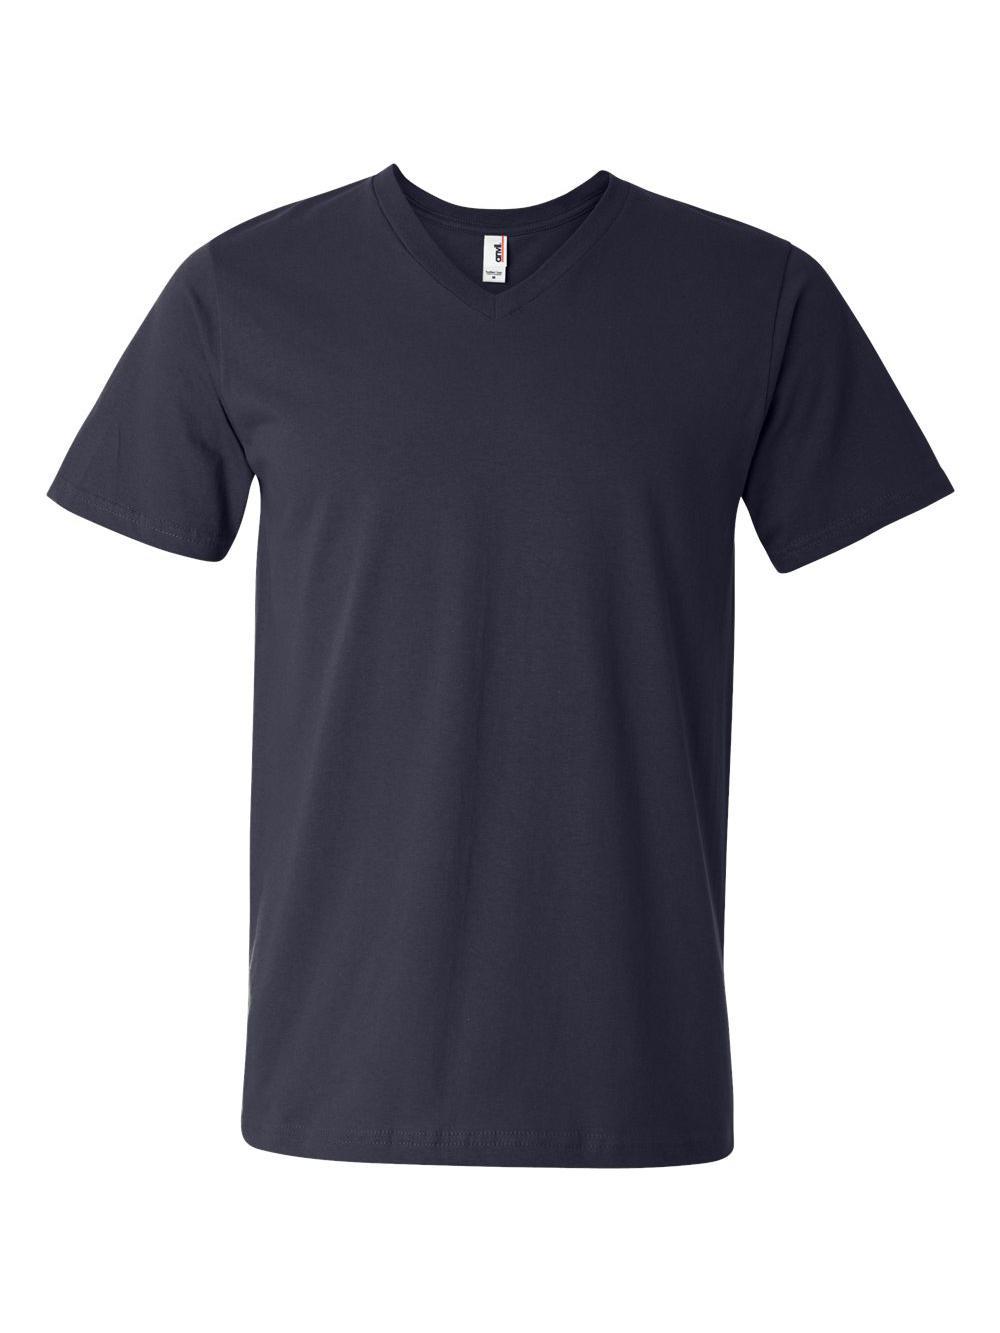 Anvil-Lightweight-Ringspun-V-Neck-T-Shirt-982 thumbnail 21